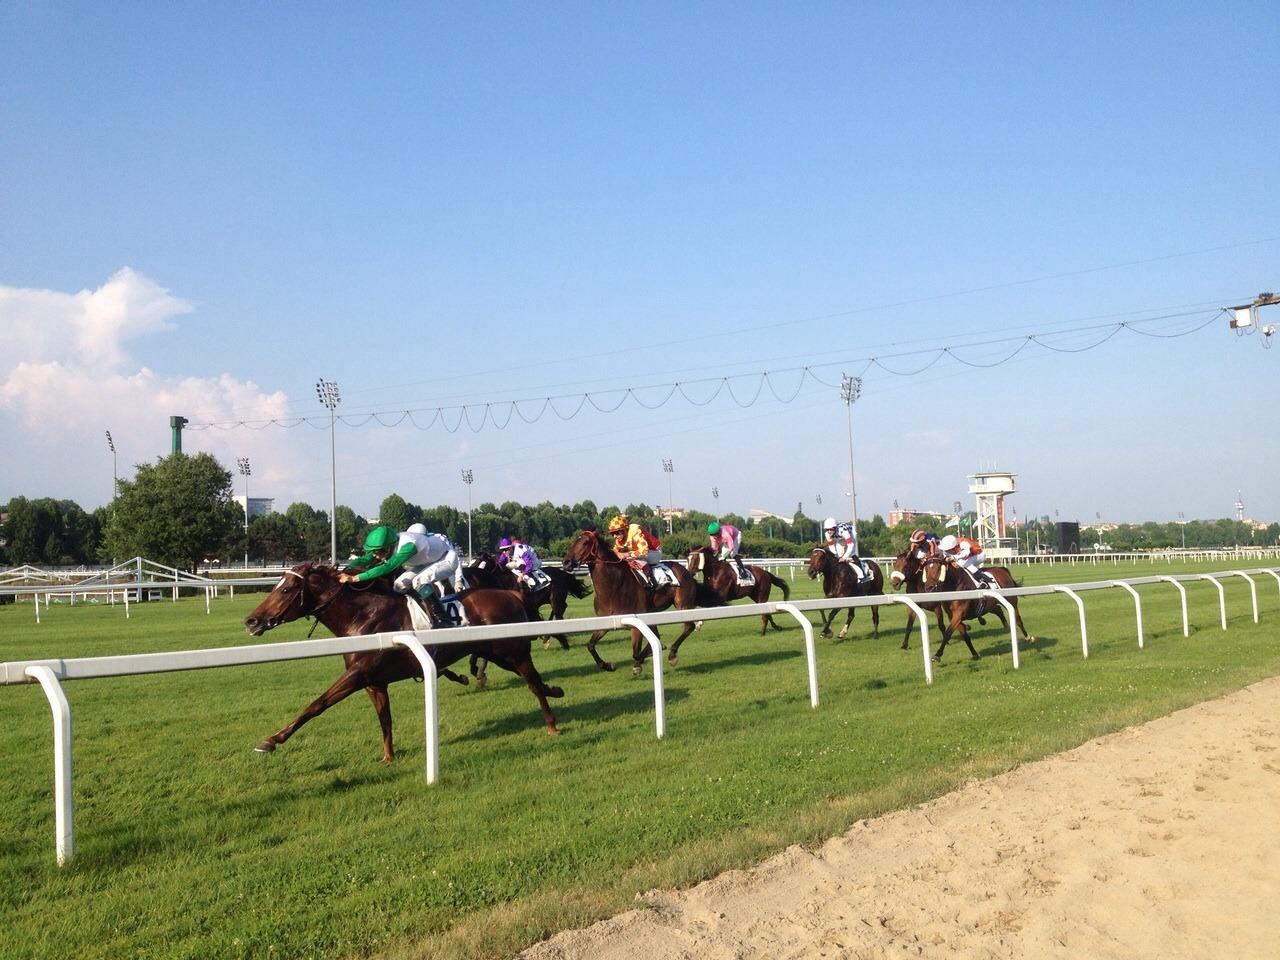 Da fare a Milano coi bambini: le corse dei cavalli all'ippodromo